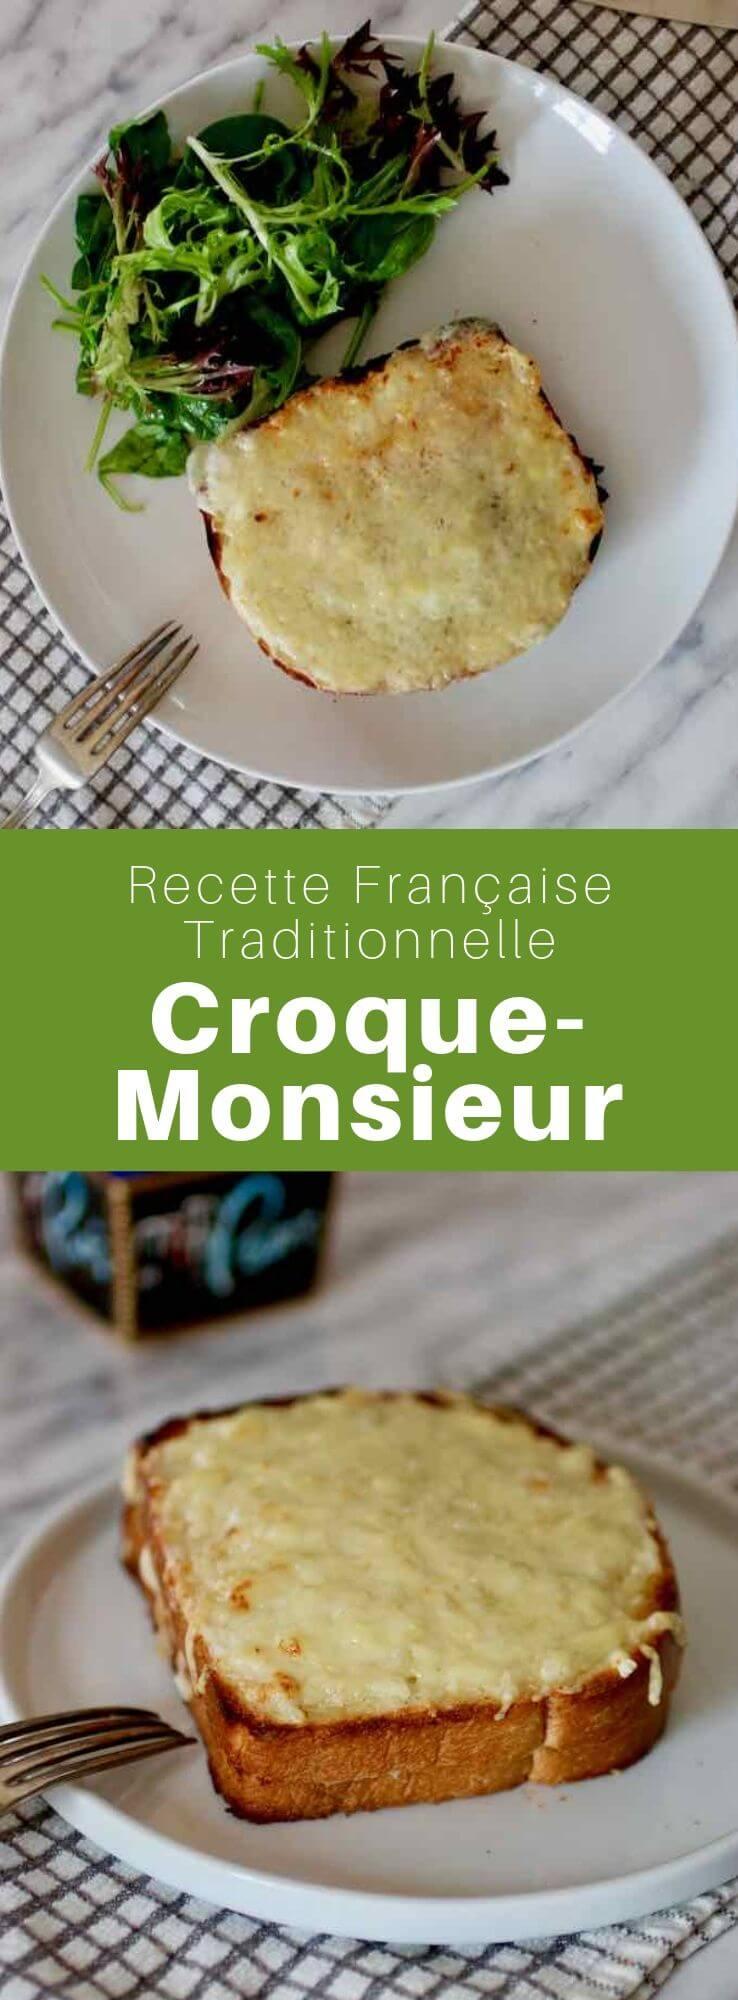 Un croque-monsieur est un sandwich typique français avec du pain de mie, du jambon et du fromage avec ou sans sauce Béchamel. #France #RecetteFrancaise #CuisineFrancaise #CuisineDuMonde #196flavors